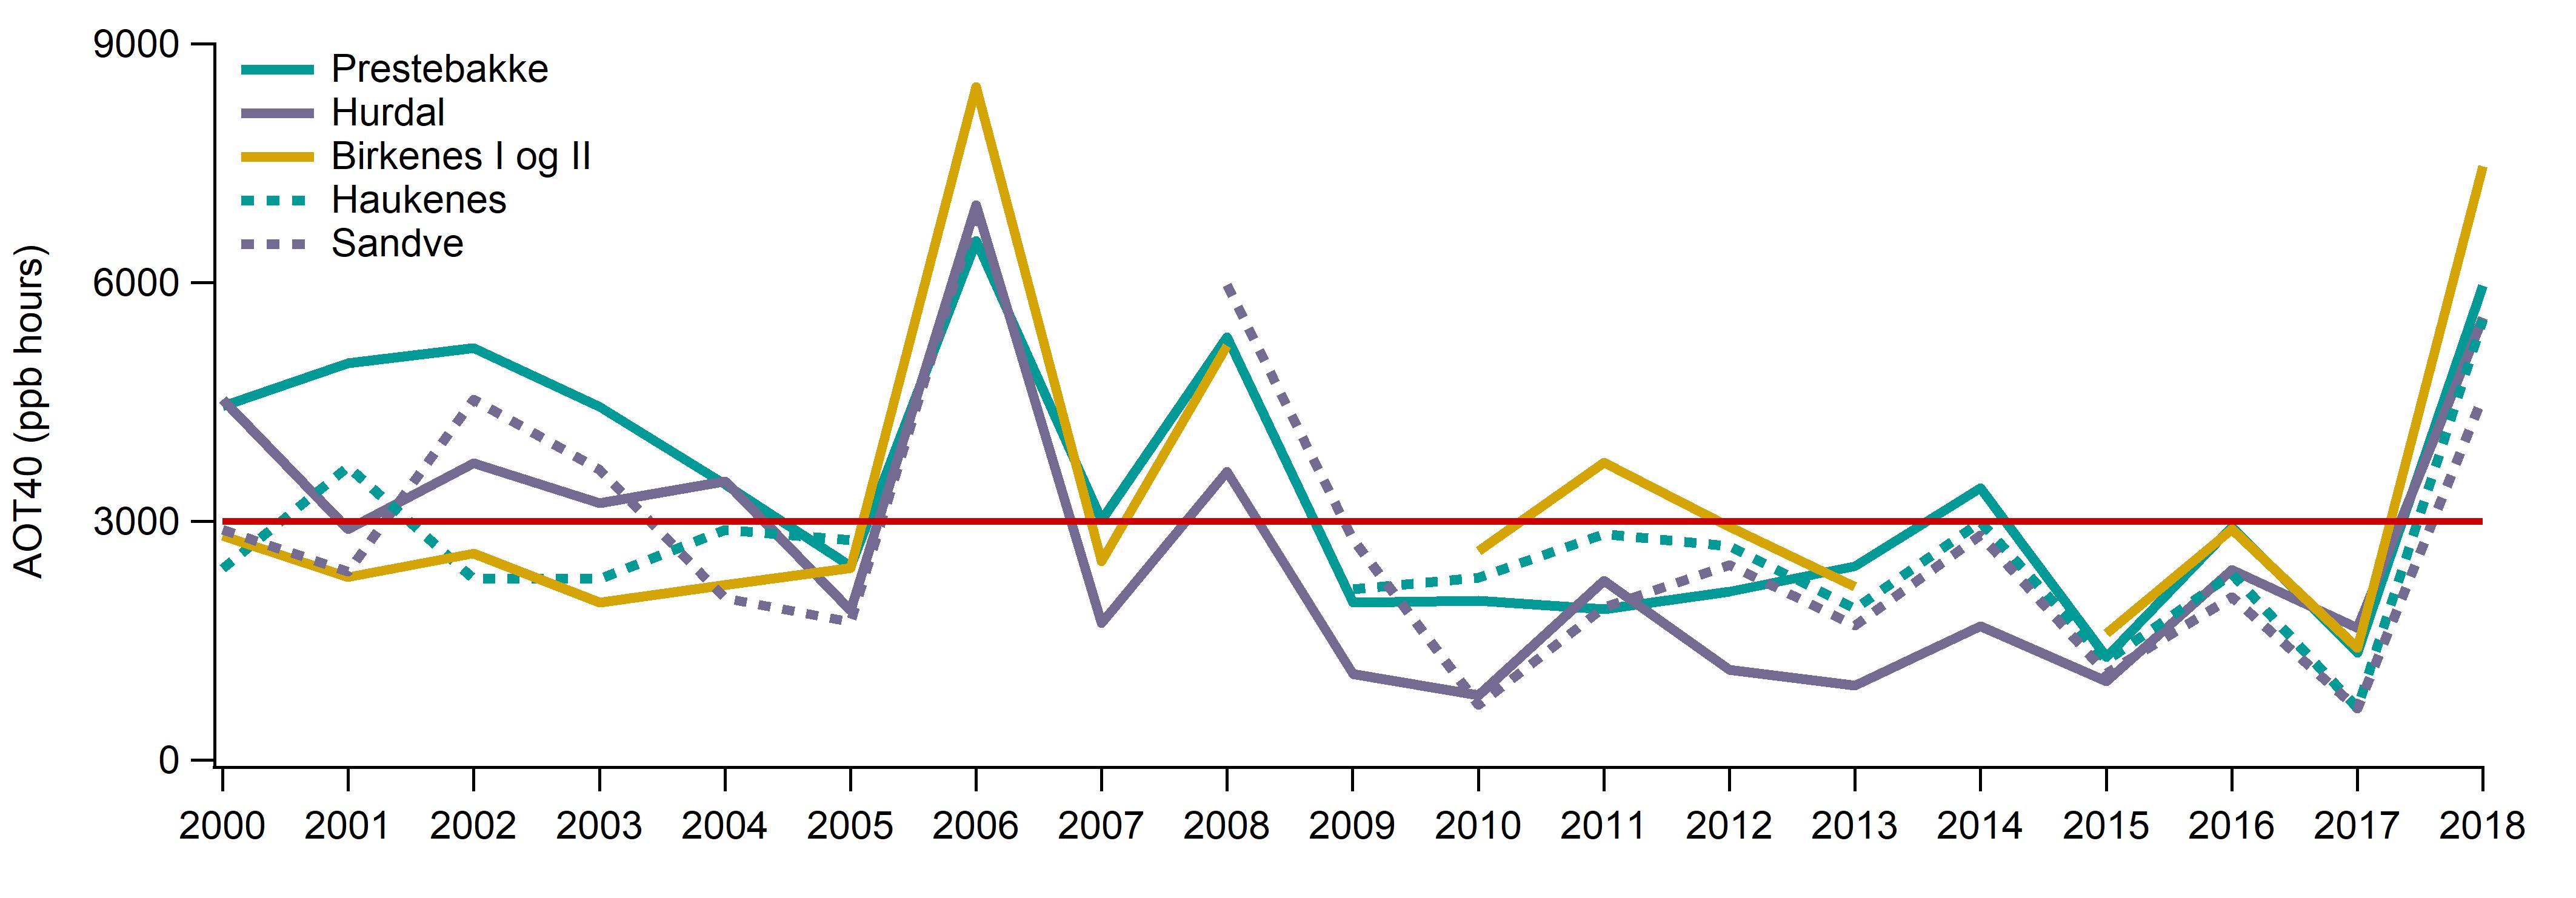 Figur. Tremåneders AOT-verdi (1 mai -31 juli) for ozonstasjoner i Sør-Norge i perioden 2000- 2018.